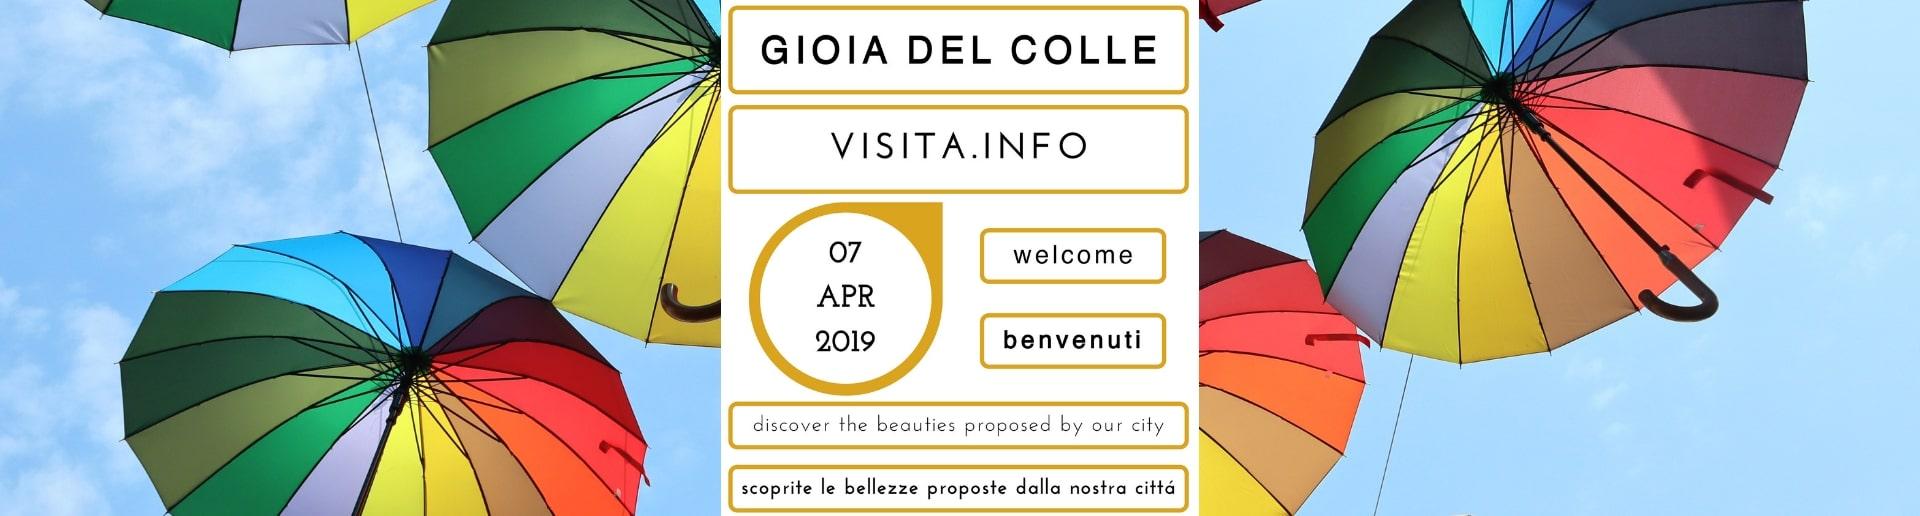 copertina gioiadelcolle.visita.info 7 aprile 2019-min